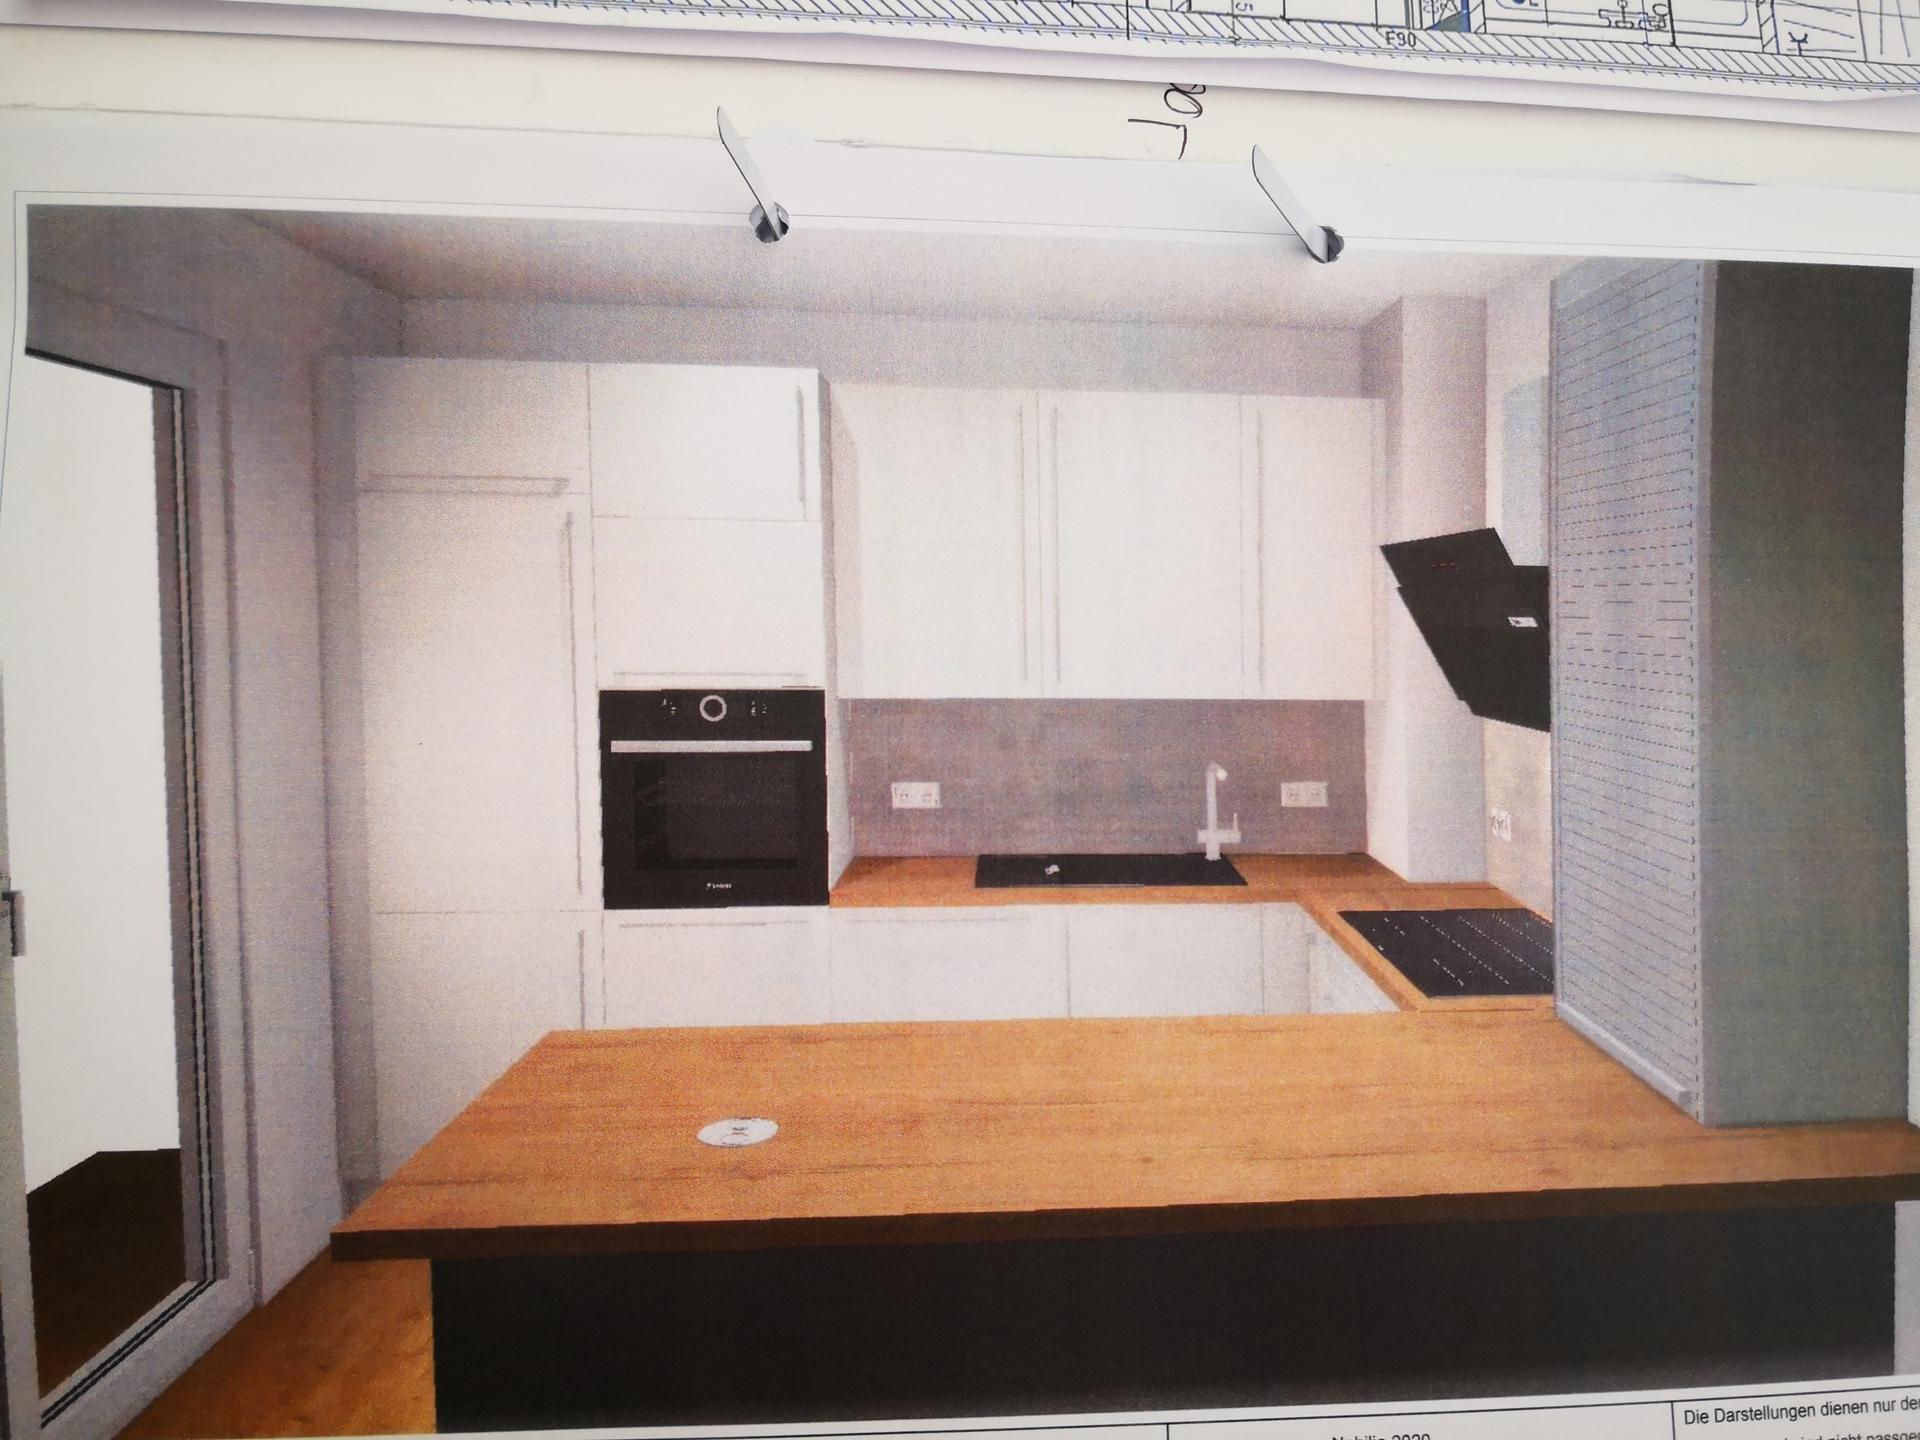 Náš nový byt v novostavbě - Obrázek č. 21